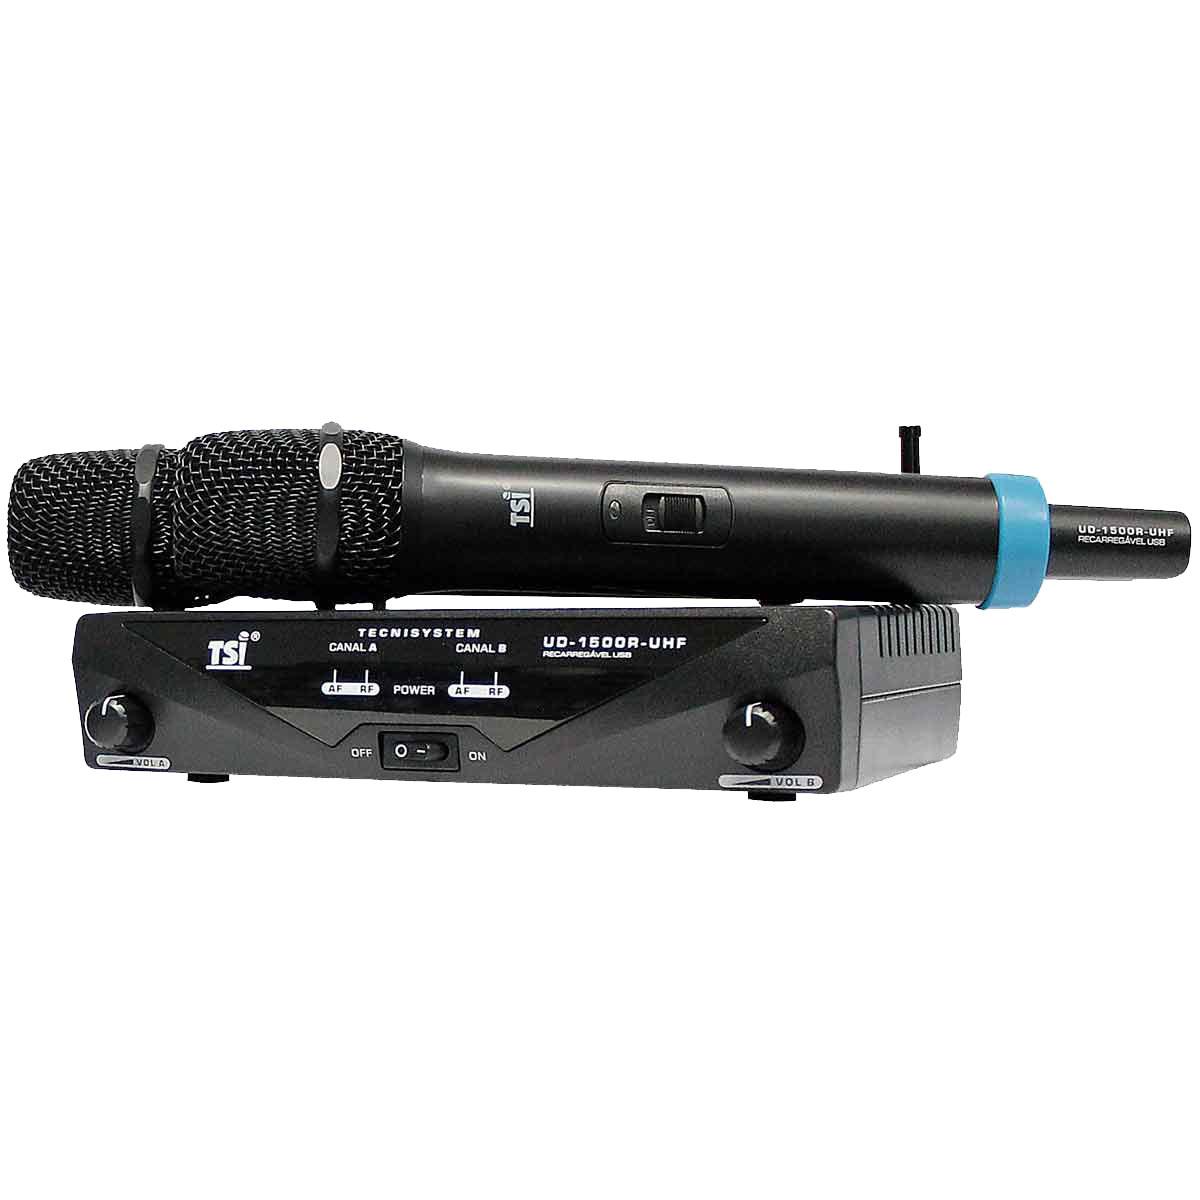 Microfone s/ Fio de Mão Duplo Recarregável UHF - UD 1500 R UHF TSI